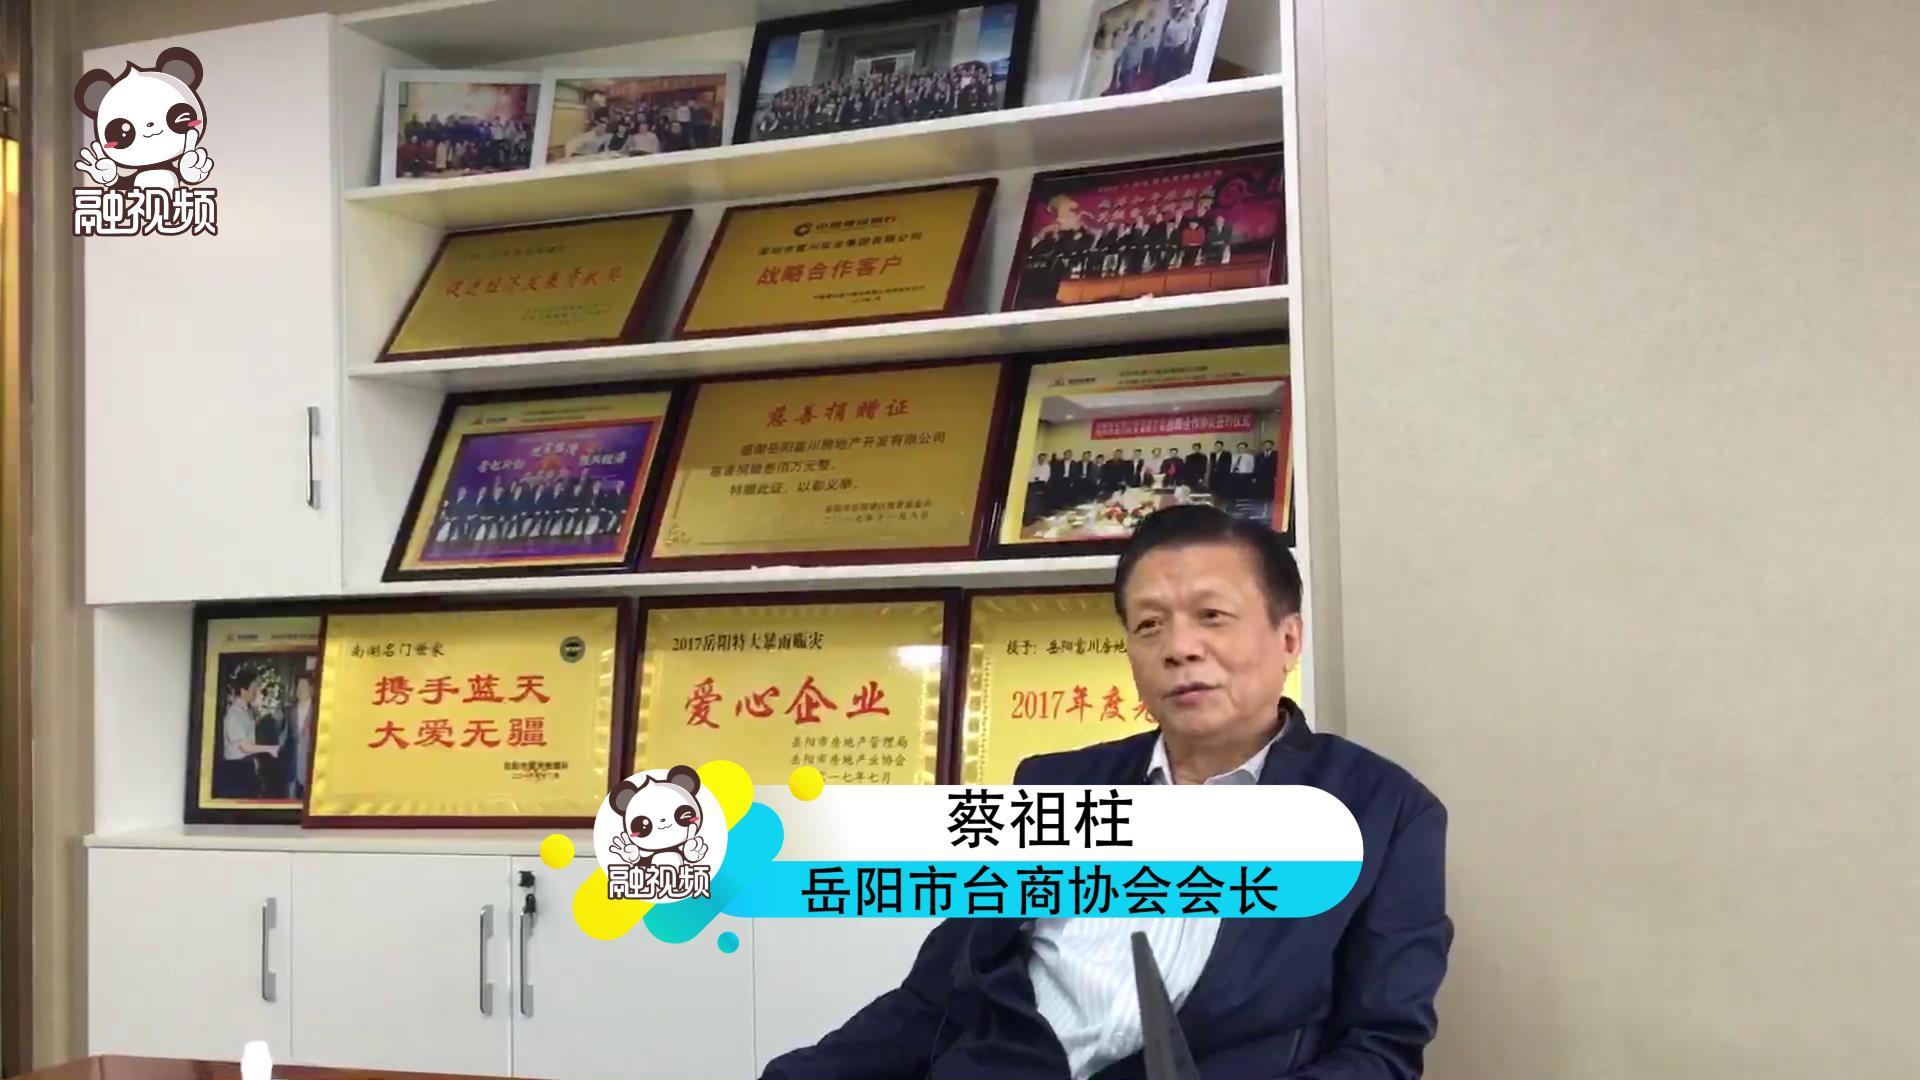 蔡祖柱:現在真的是不想回去臺灣圖片